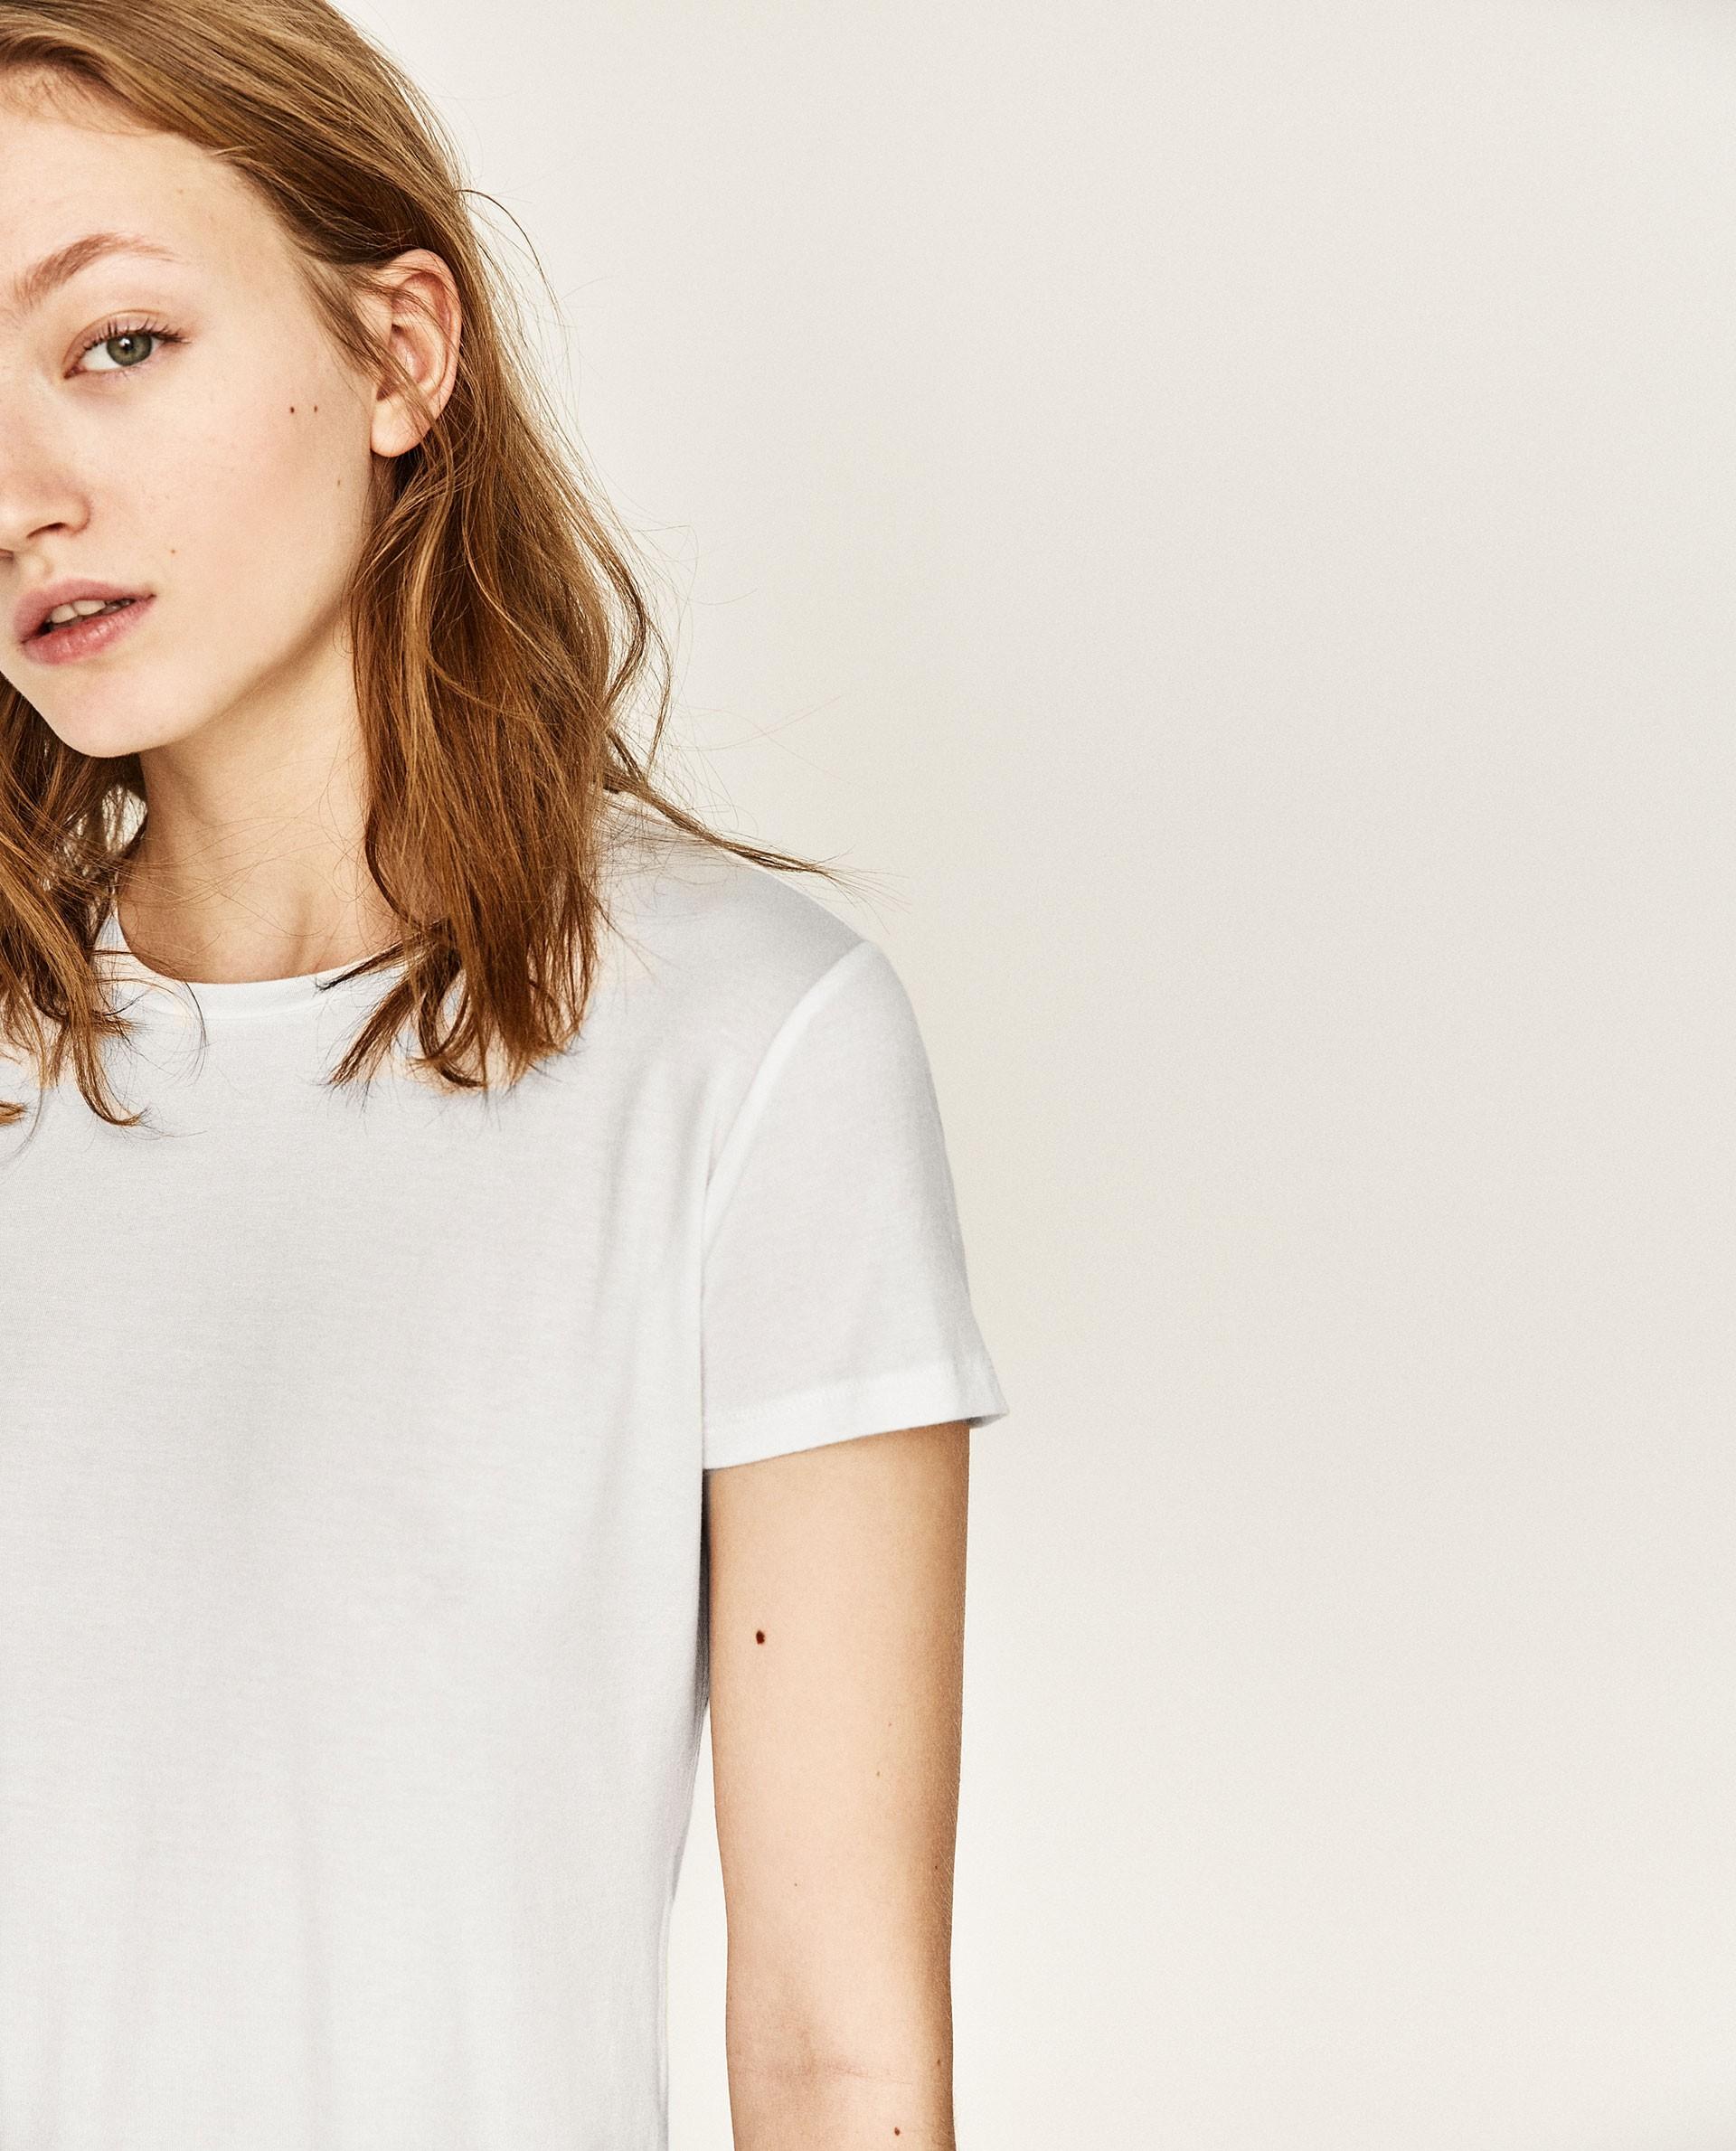 12 bí mật cực lợi hại khi mua sắm tại Zara do chính nhân viên của hãng tiết lộ, mê shopping thì bạn nên đọc ngay - Ảnh 7.